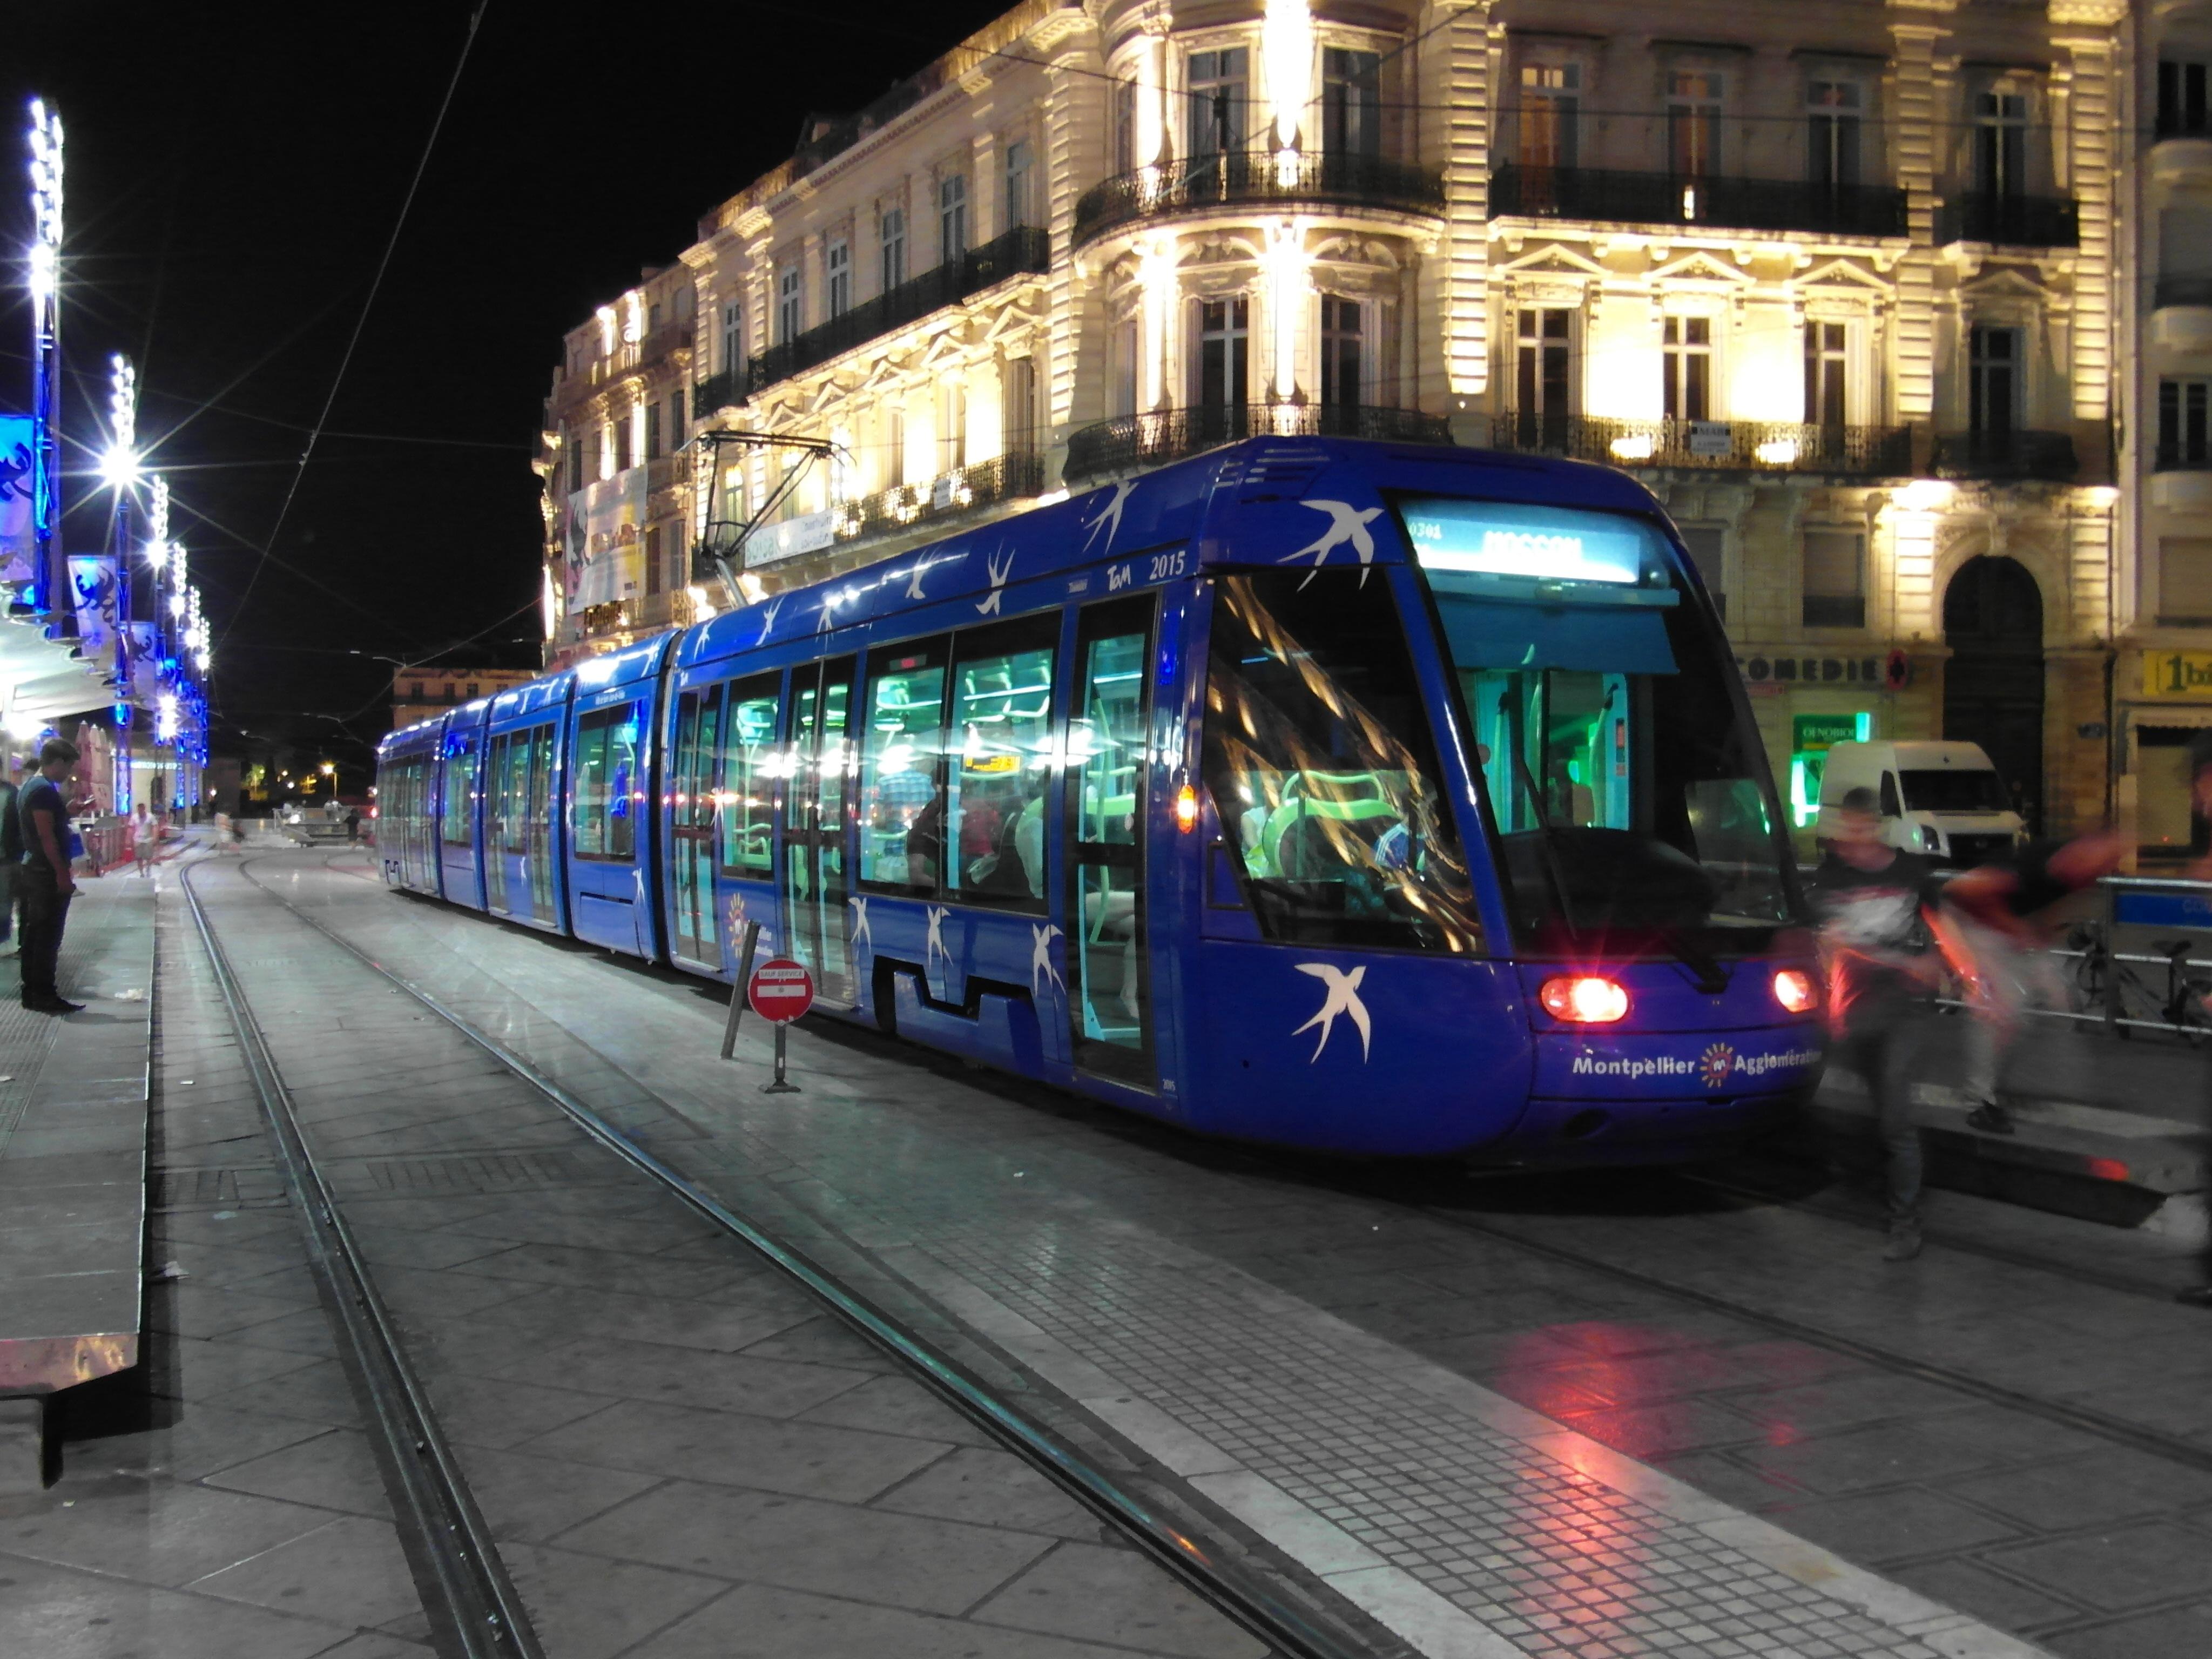 Montpellier Tram Line File:montpellier Tram 1